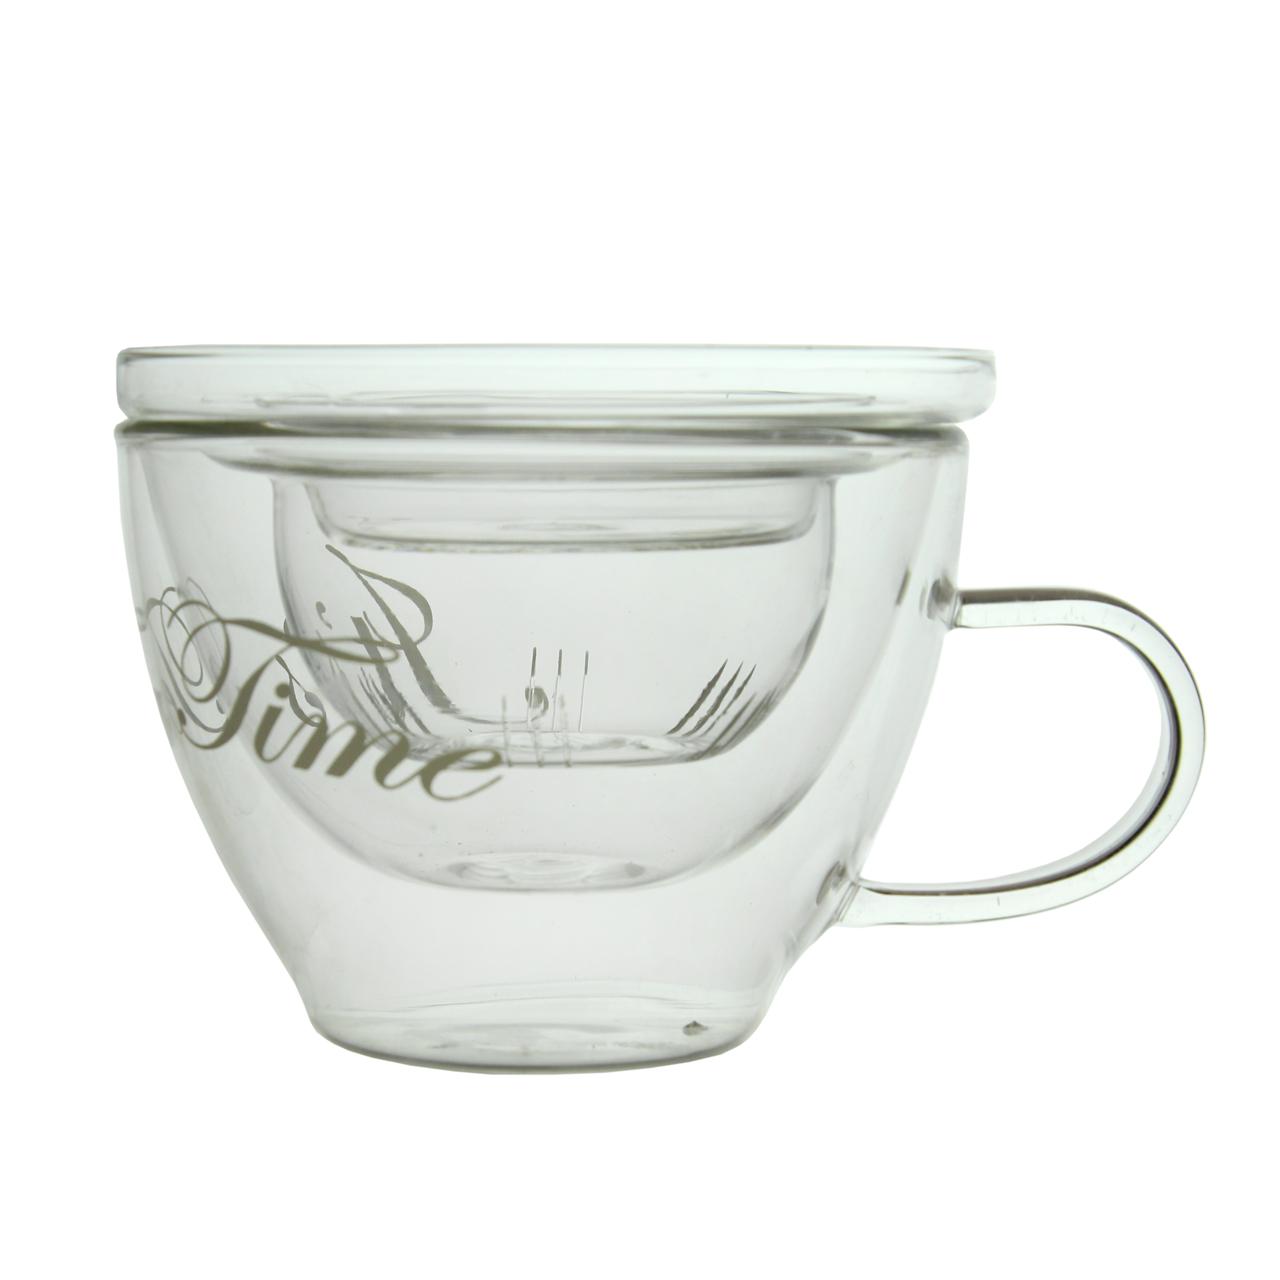 Ceasca Pentru Ceai Cu Infuzor Din Sticla 10 Cm